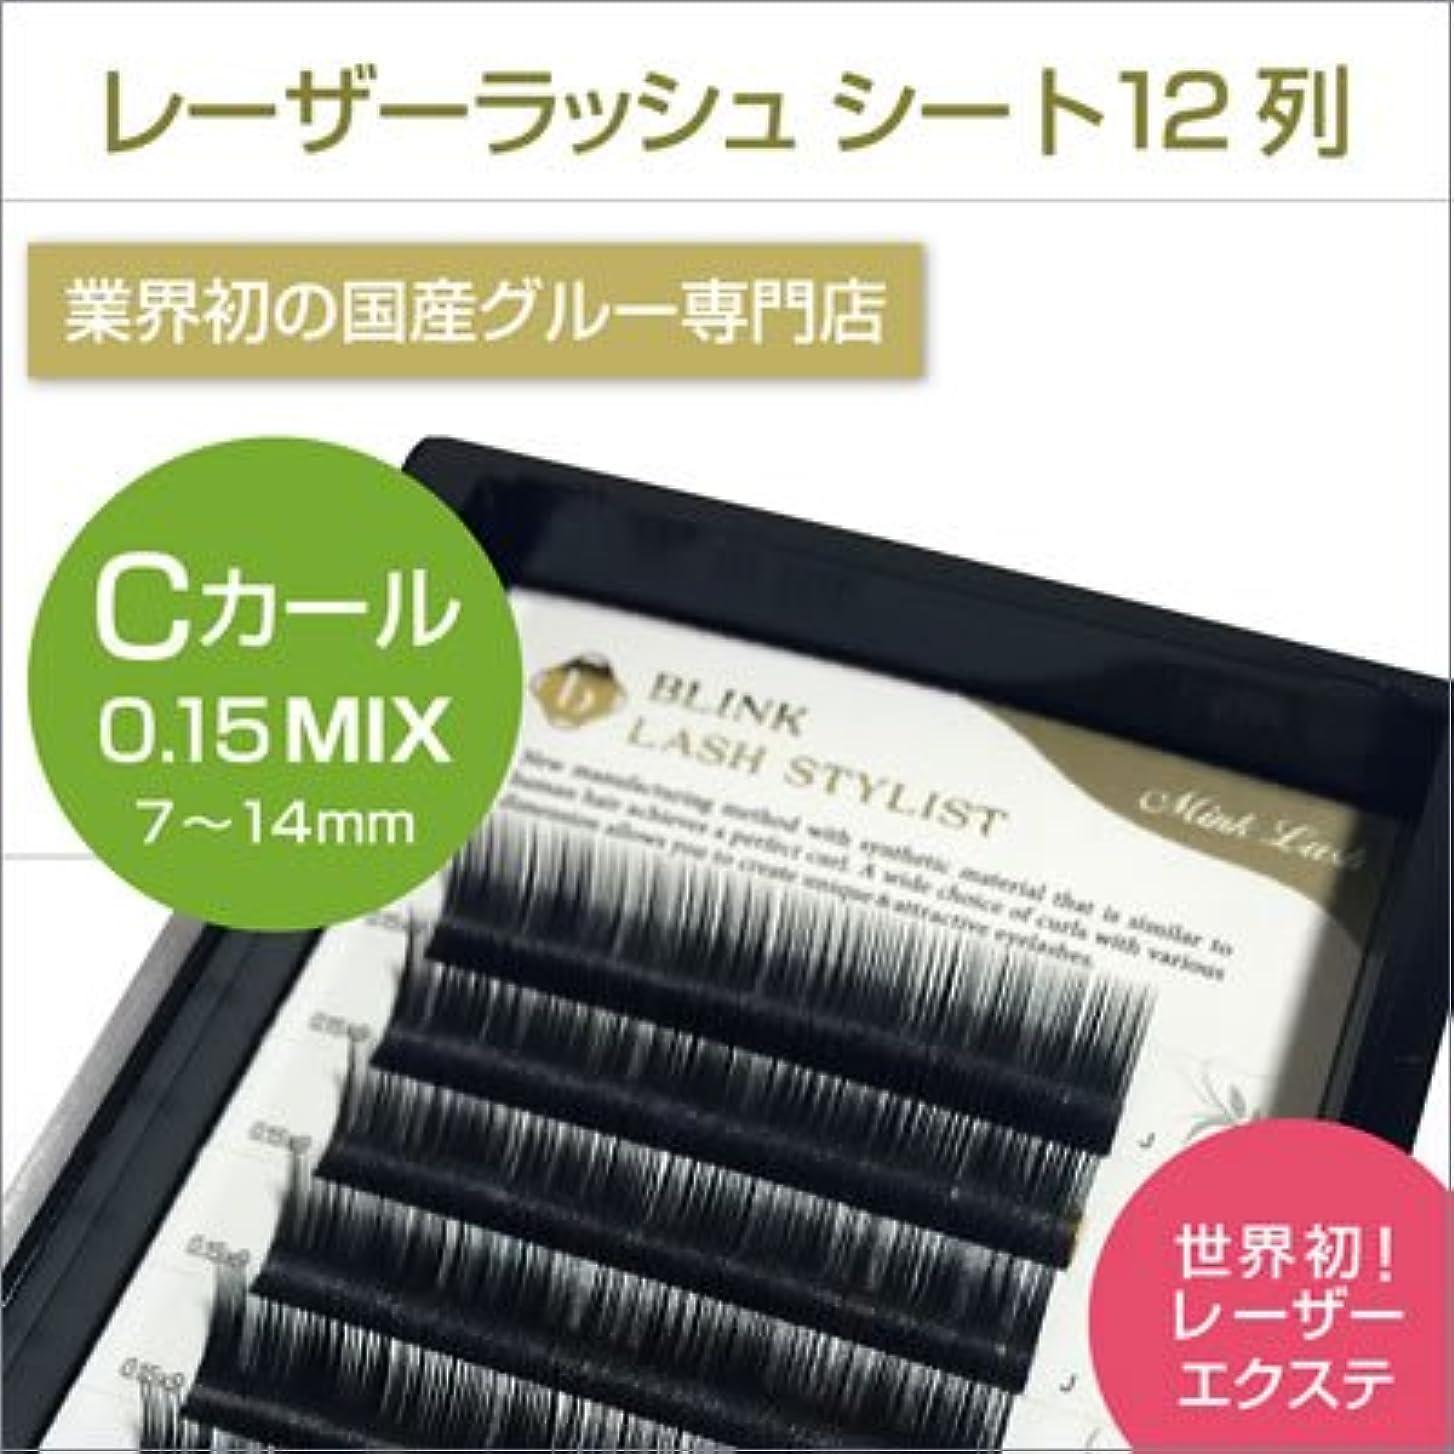 買収結核著作権orlo(オルロ) レーザーエクステ ミンクラッシュ MIX Cカール 0.15mm×7mm~14mm